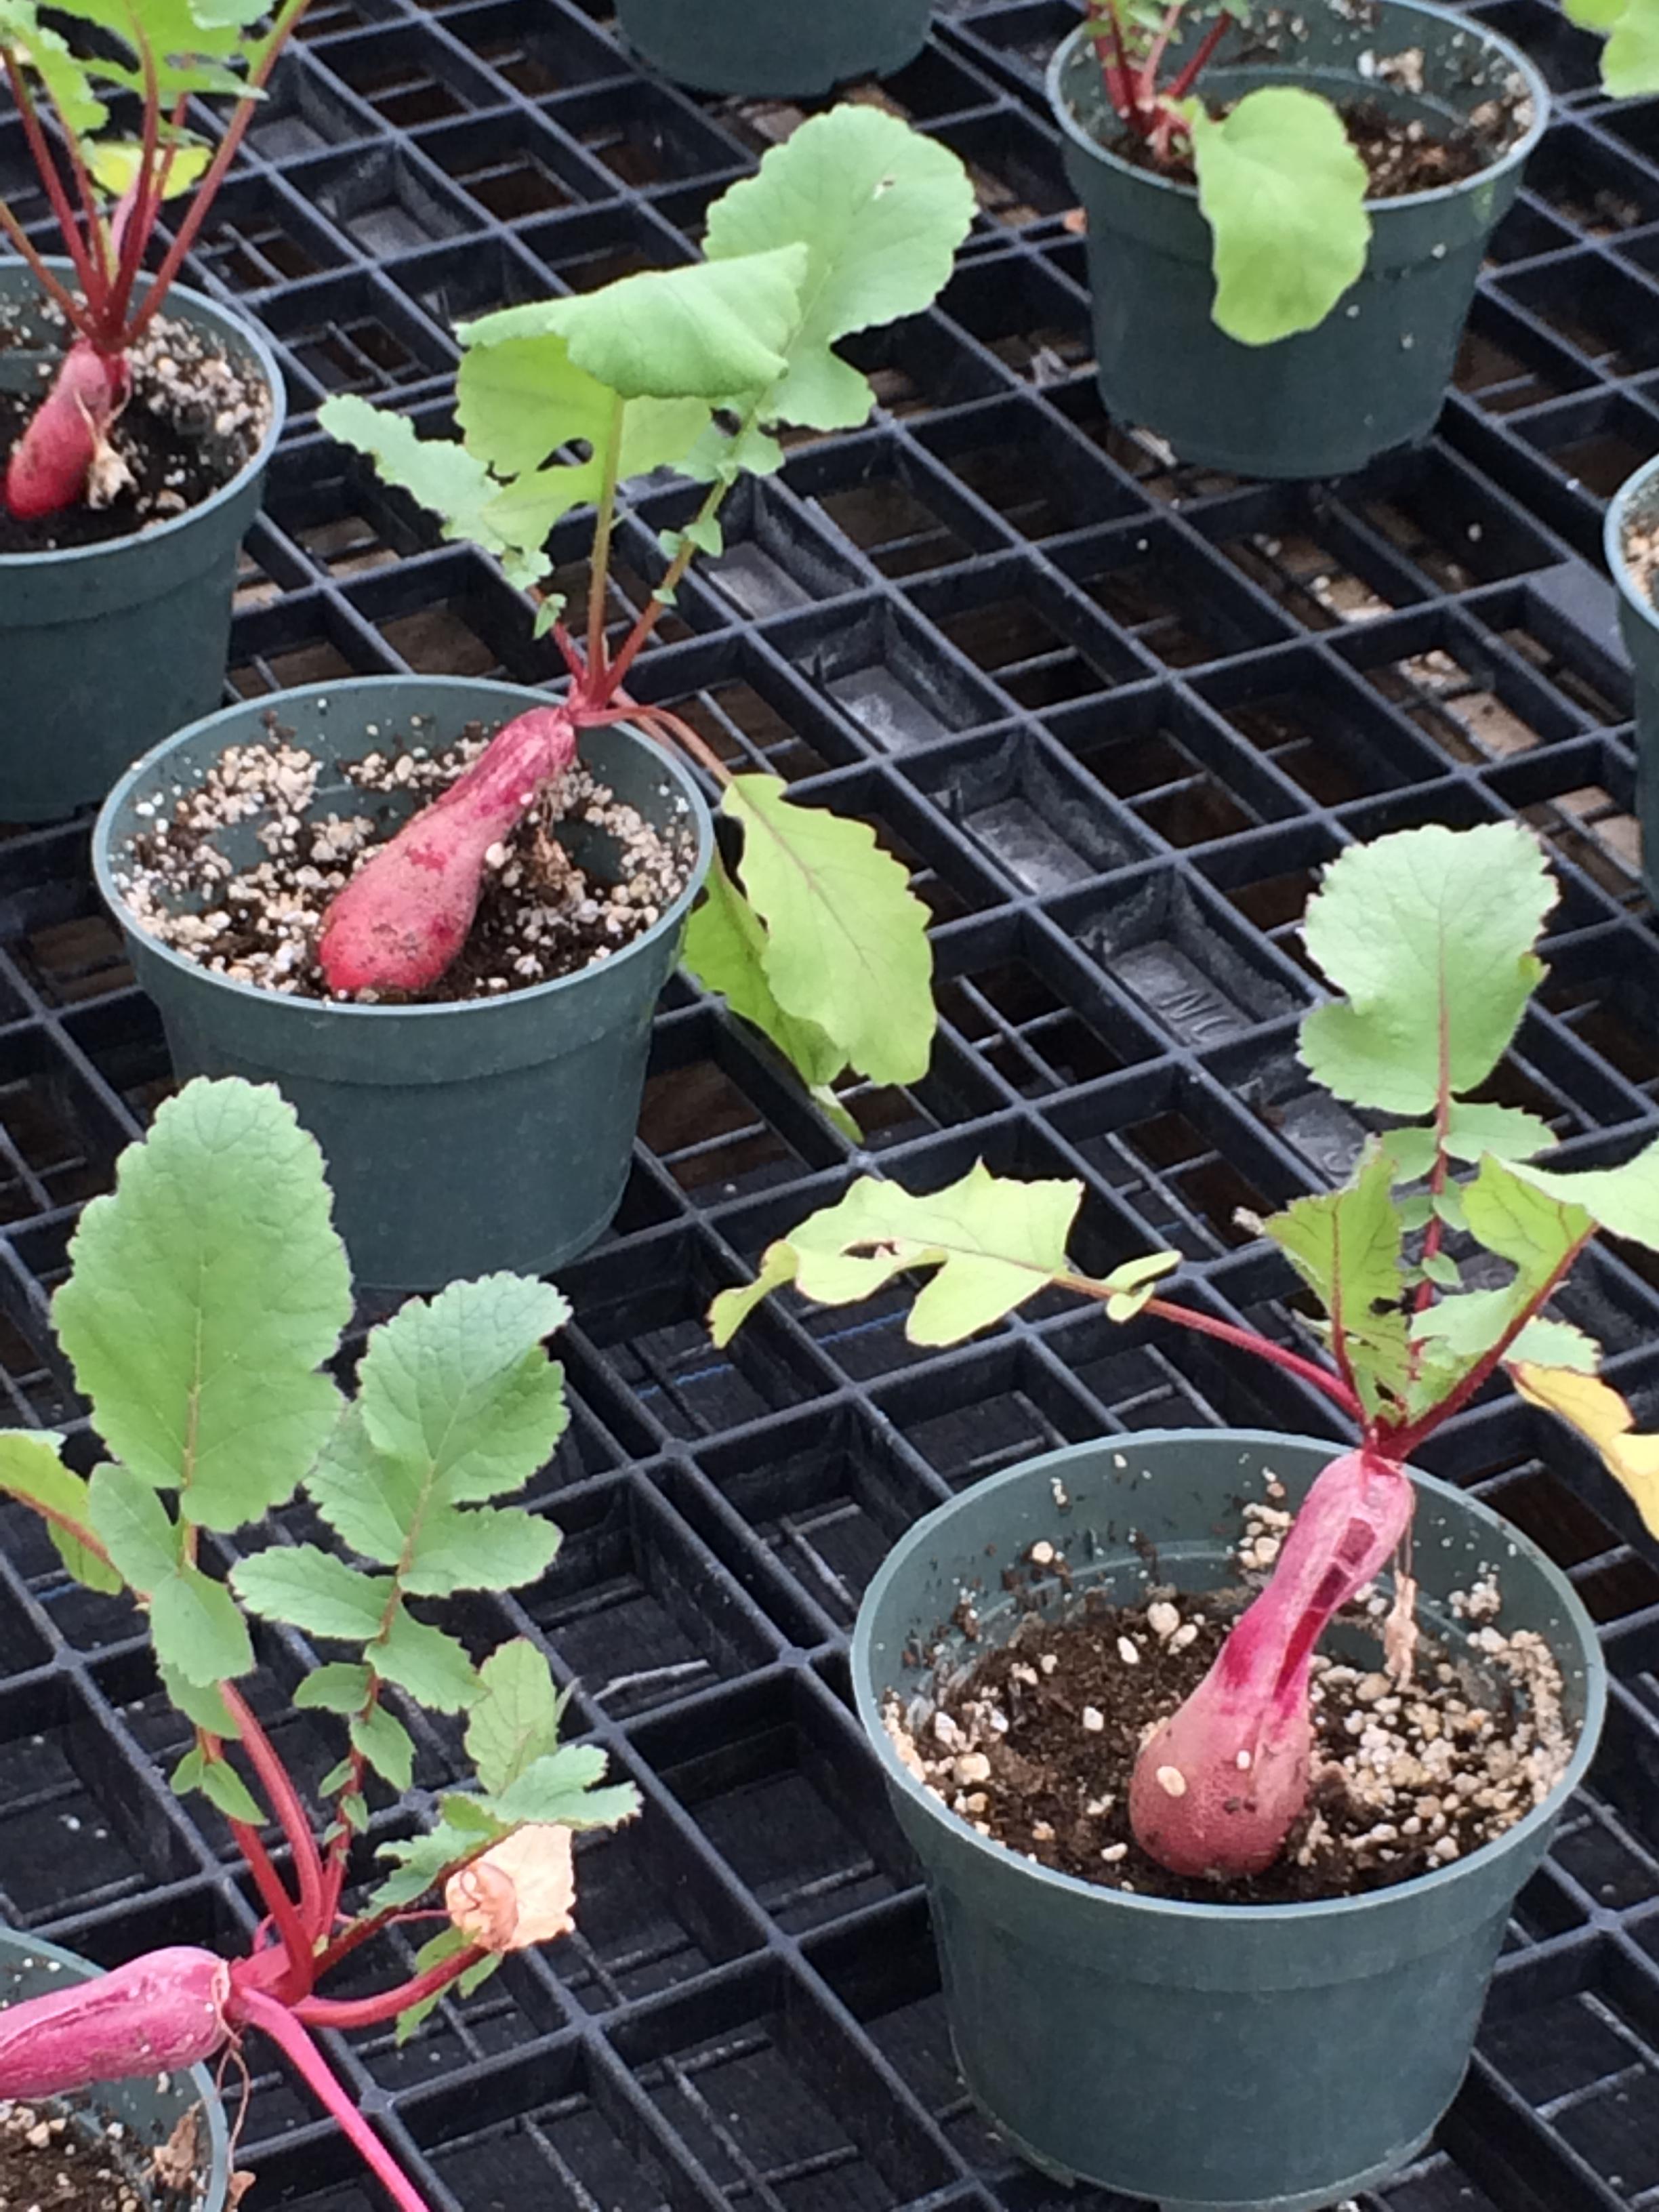 SCVT Horticultural Program 2